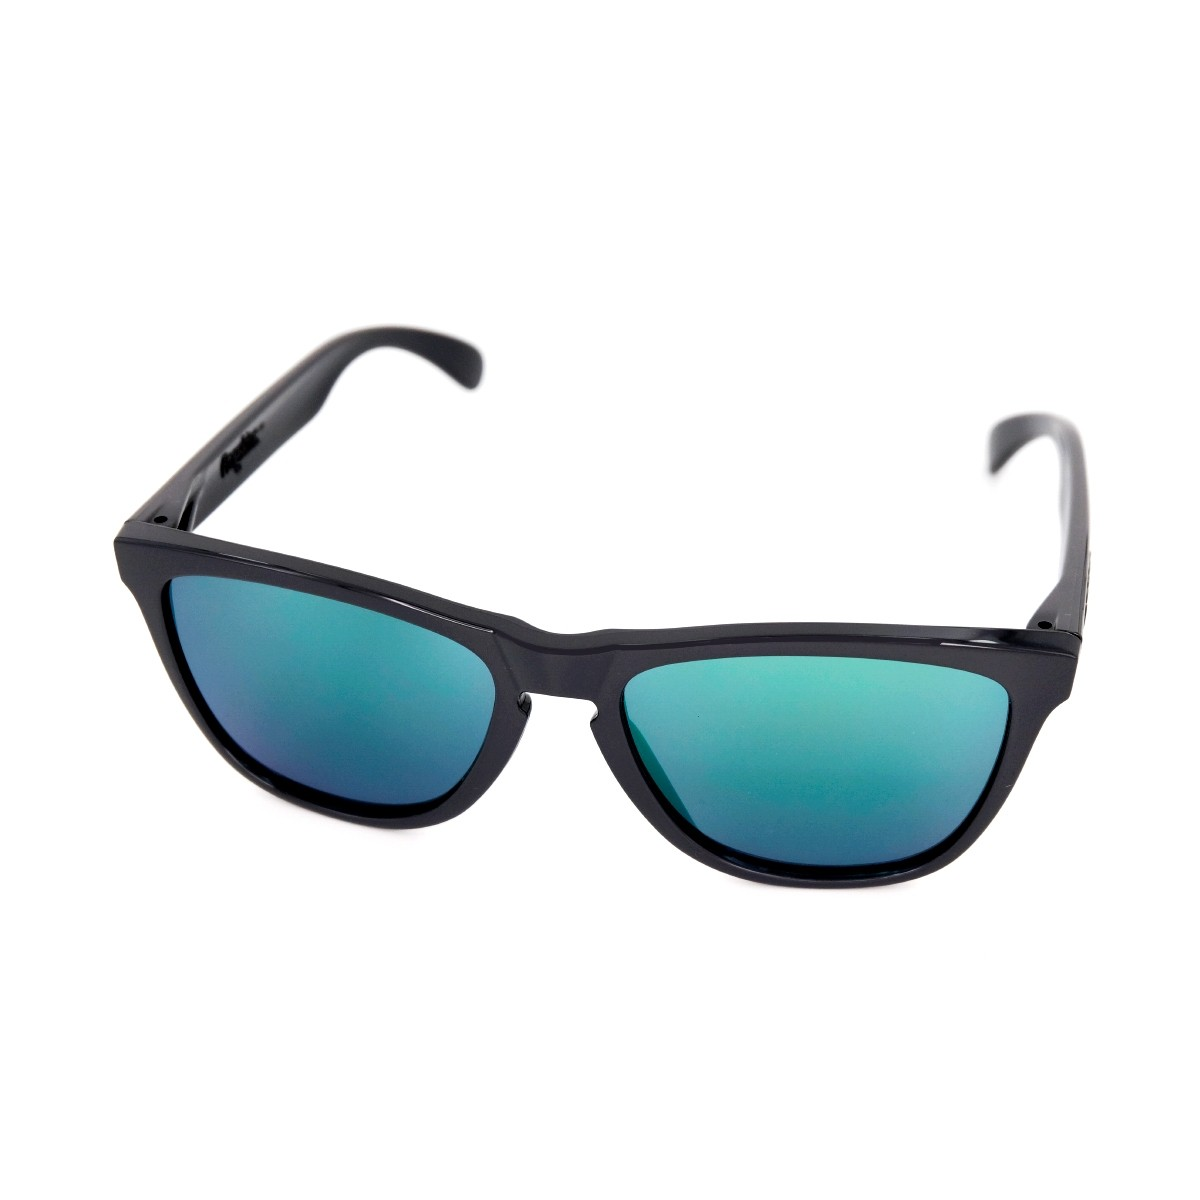 Oakley Frogskin 9013-32, 76,00€, Occhiali Oakley Grigio a forma Squadrato